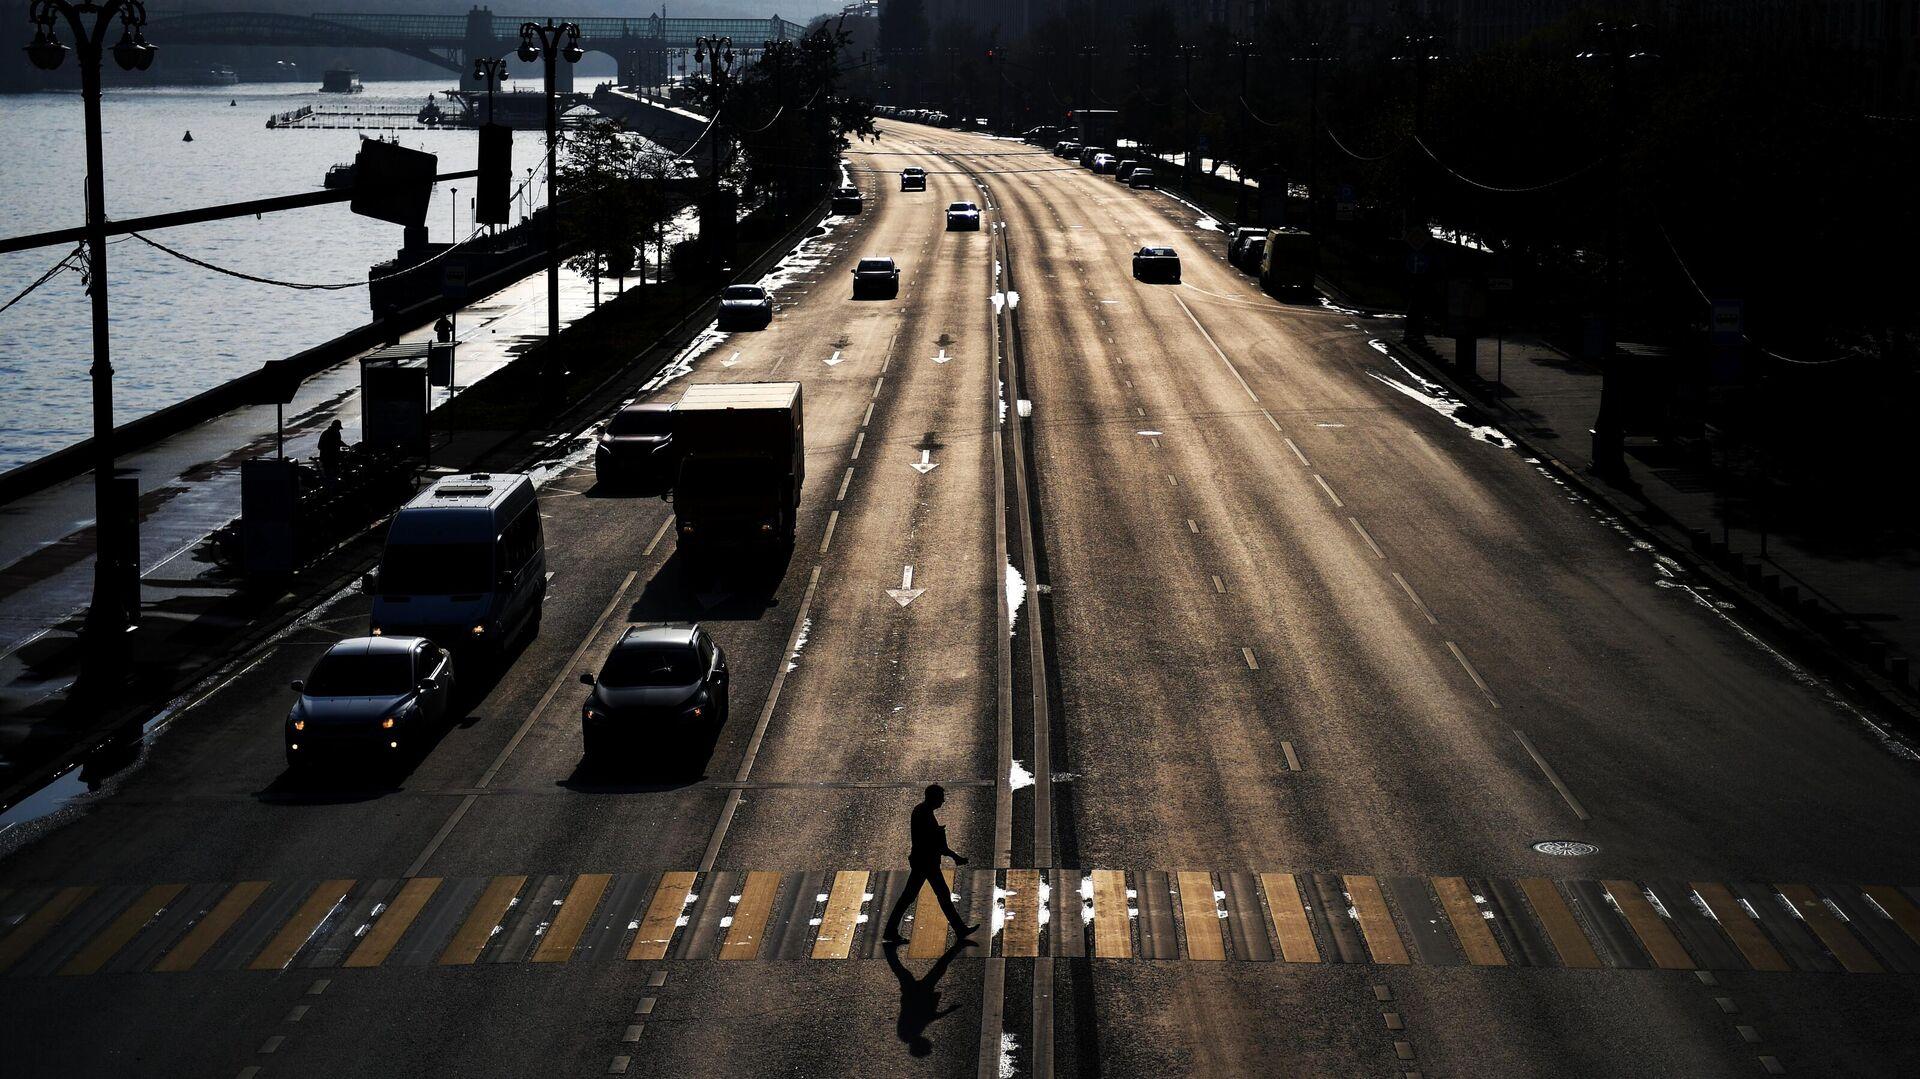 ЕР не поддержит идею штрафовать за превышение скорости на 1 км/ч